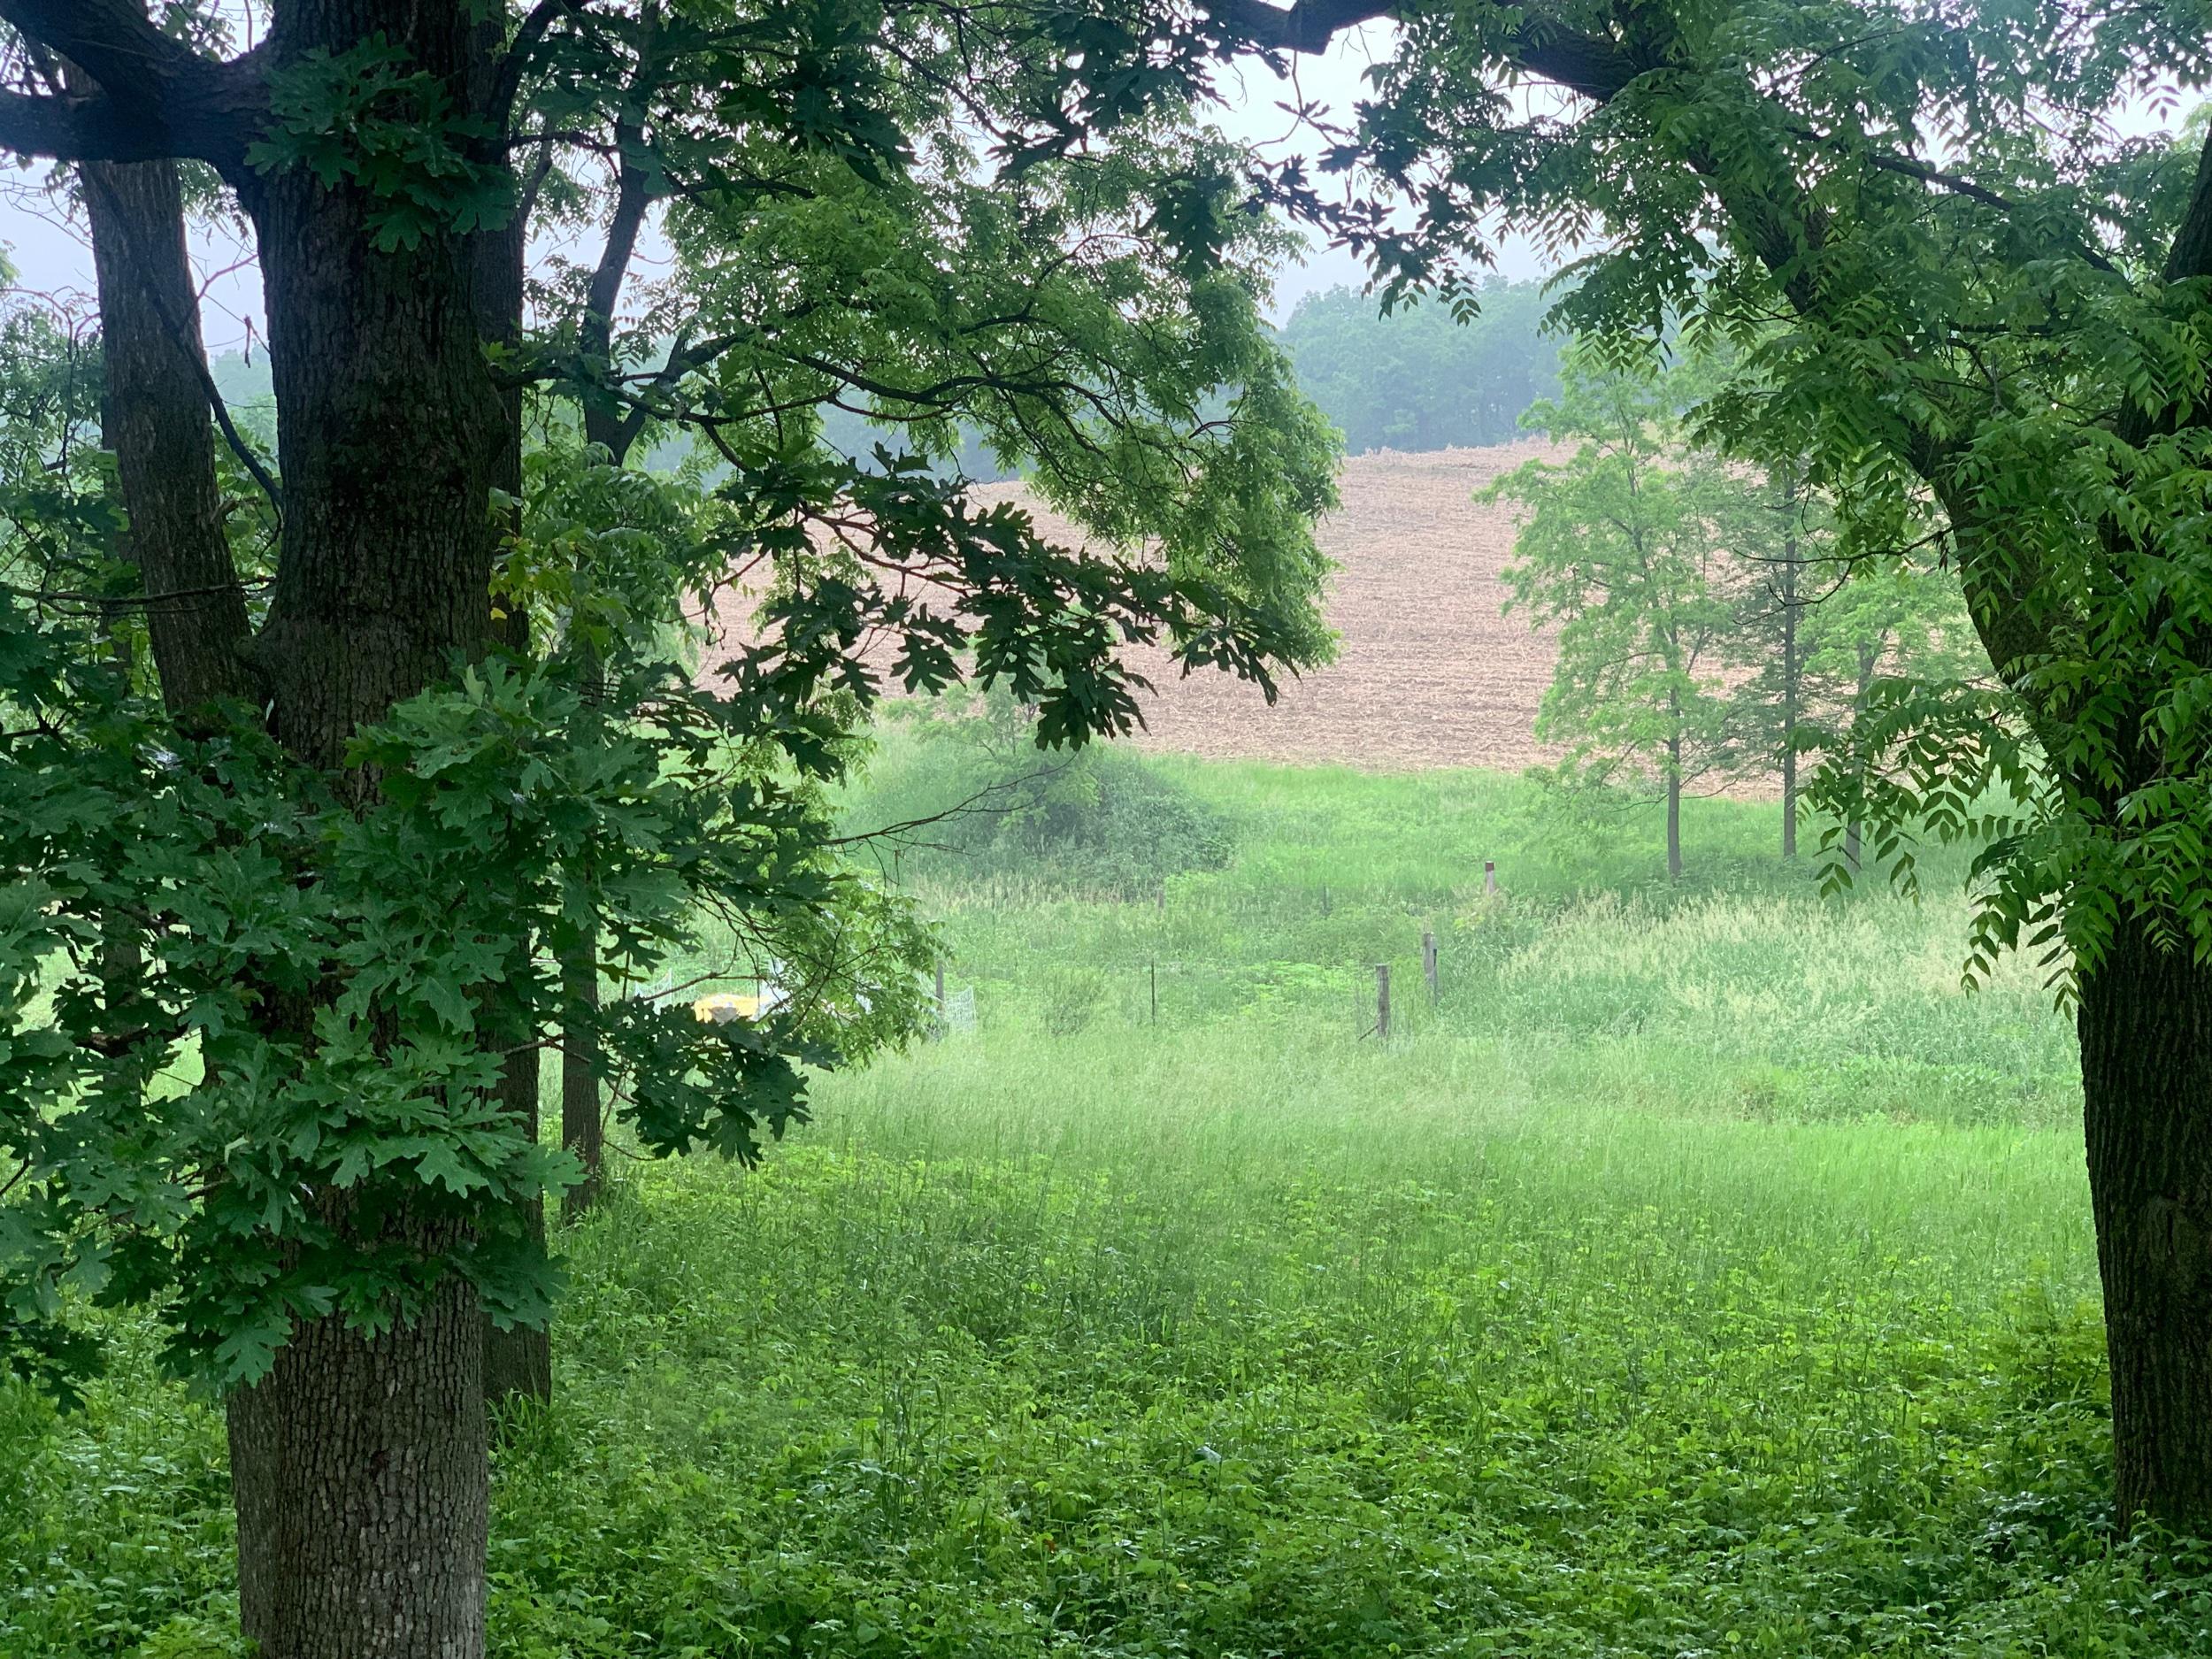 Near summer rain in Northeastern Iowa